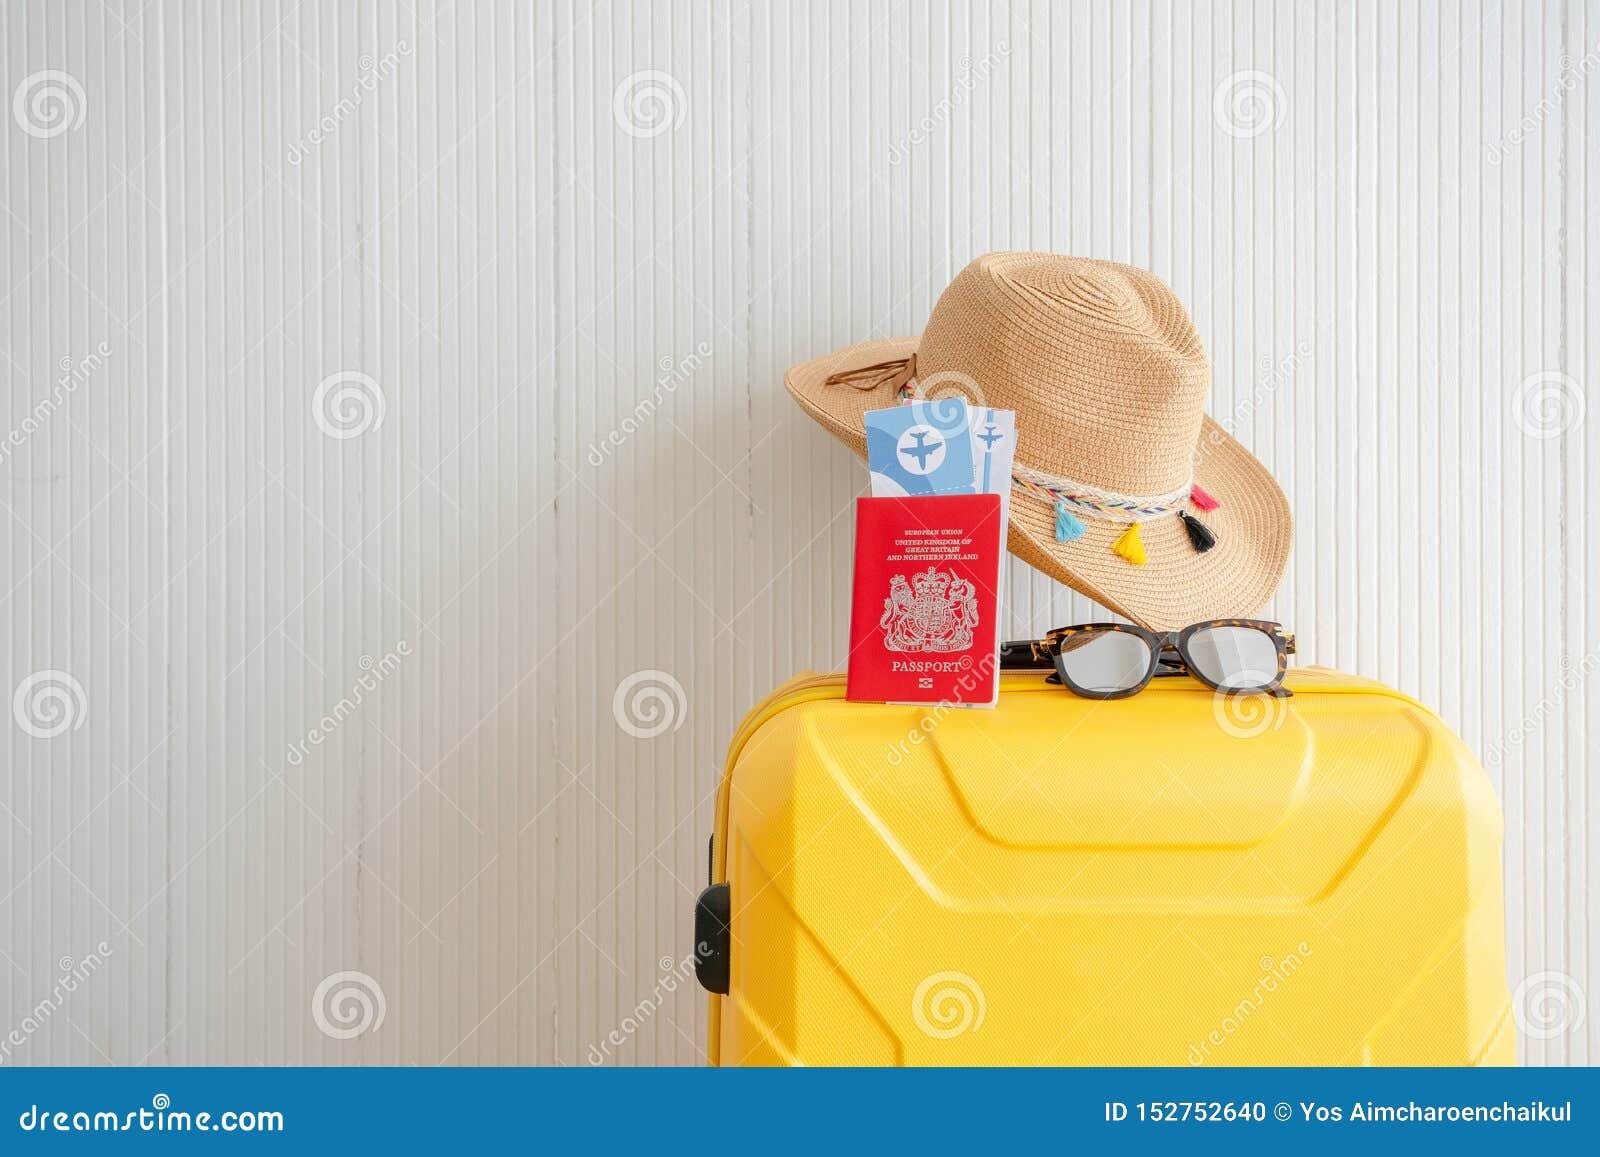 夏令时概念周末旅行准备